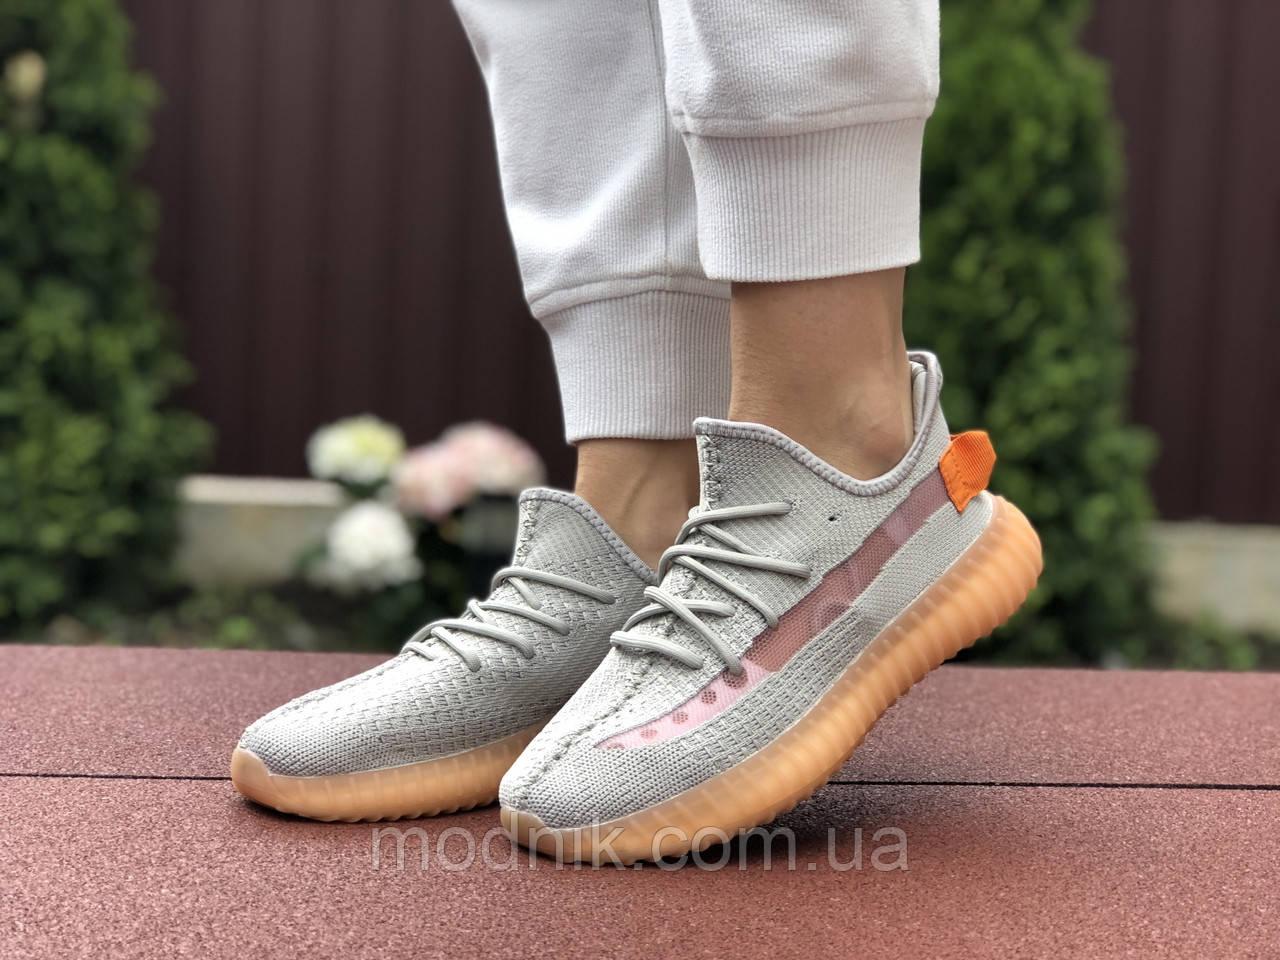 Женские кроссовки Adidas Yeezy Boost 350 (серо-персиковые) - 9423